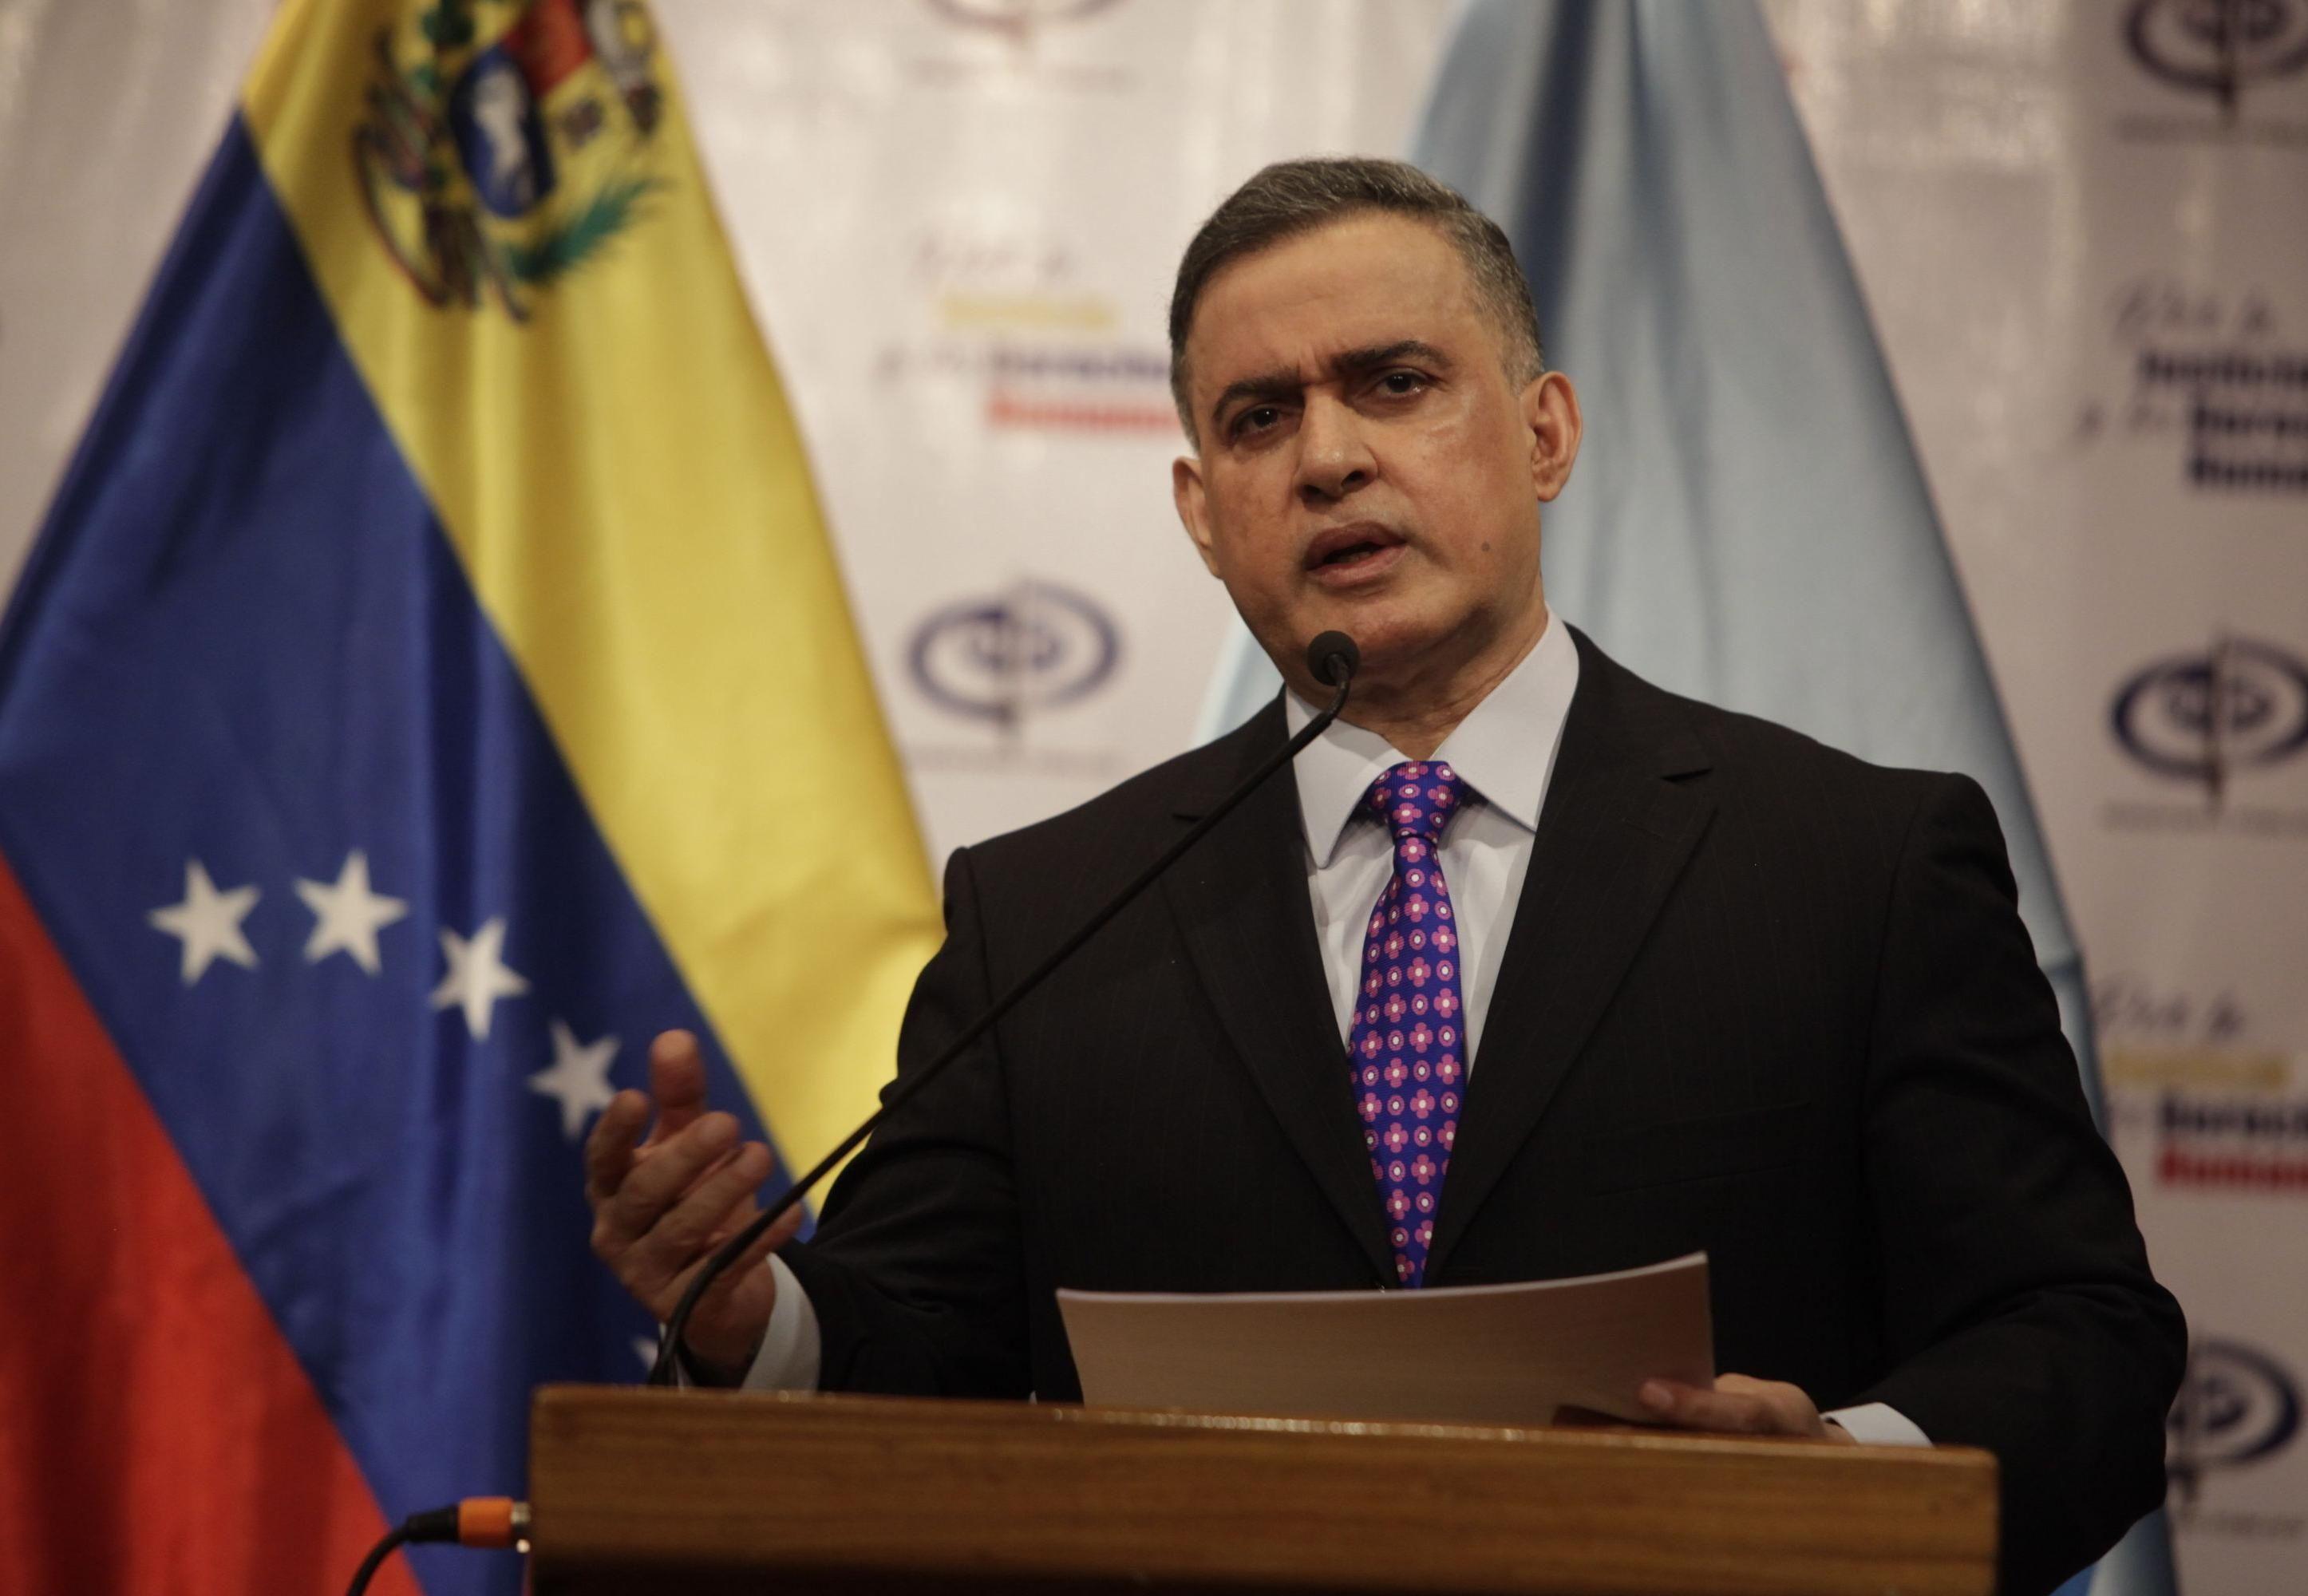 100 millones de dólares perdió Pdvsa Gas sucursal Colombia por desfalcó de exfuncionarios vinculados a Rafael Ramírez